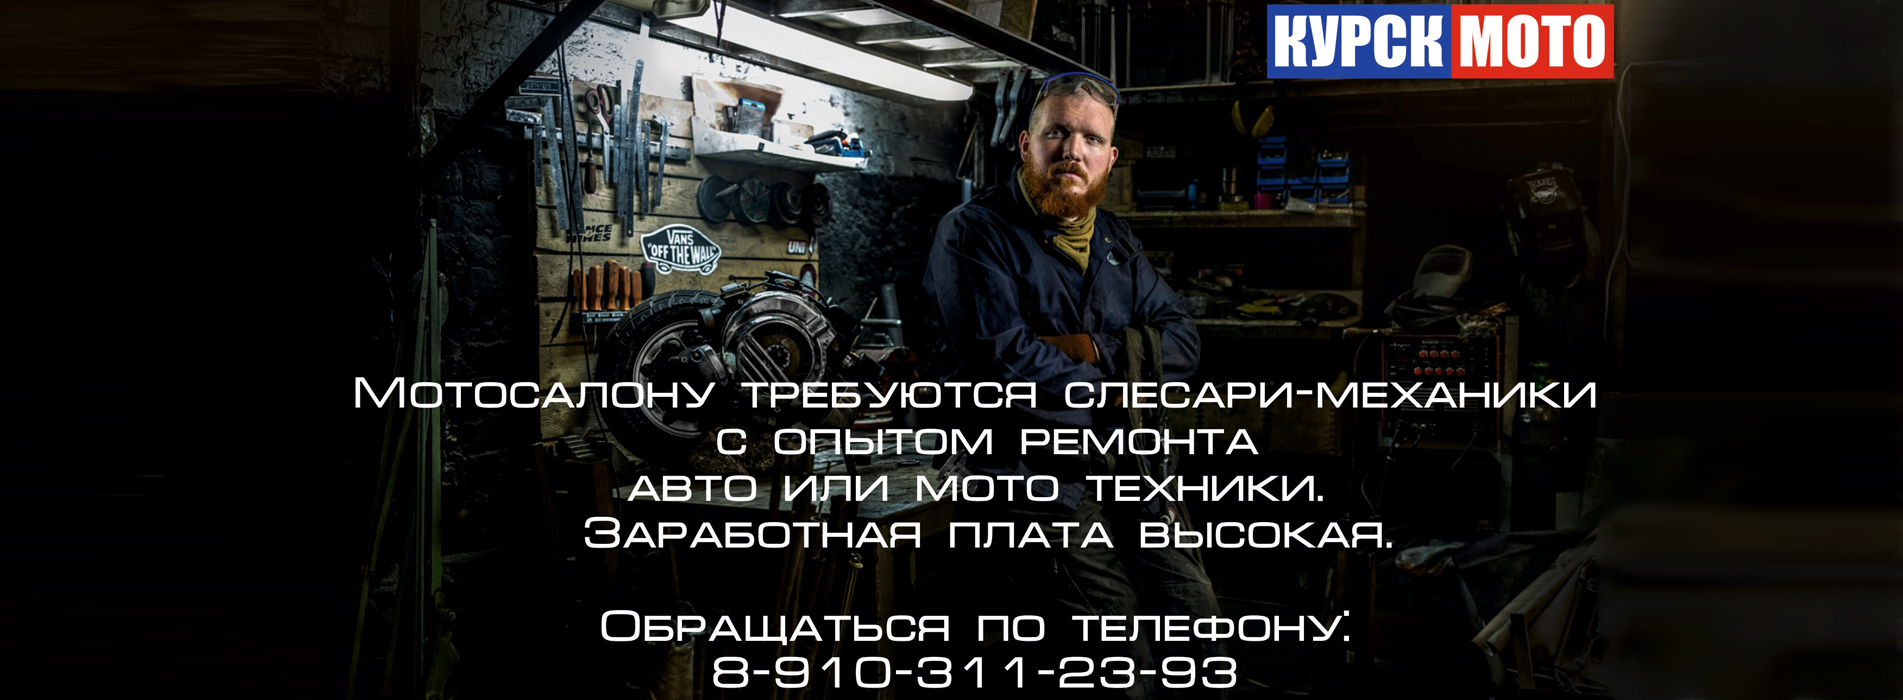 Вакансии Курск Мото